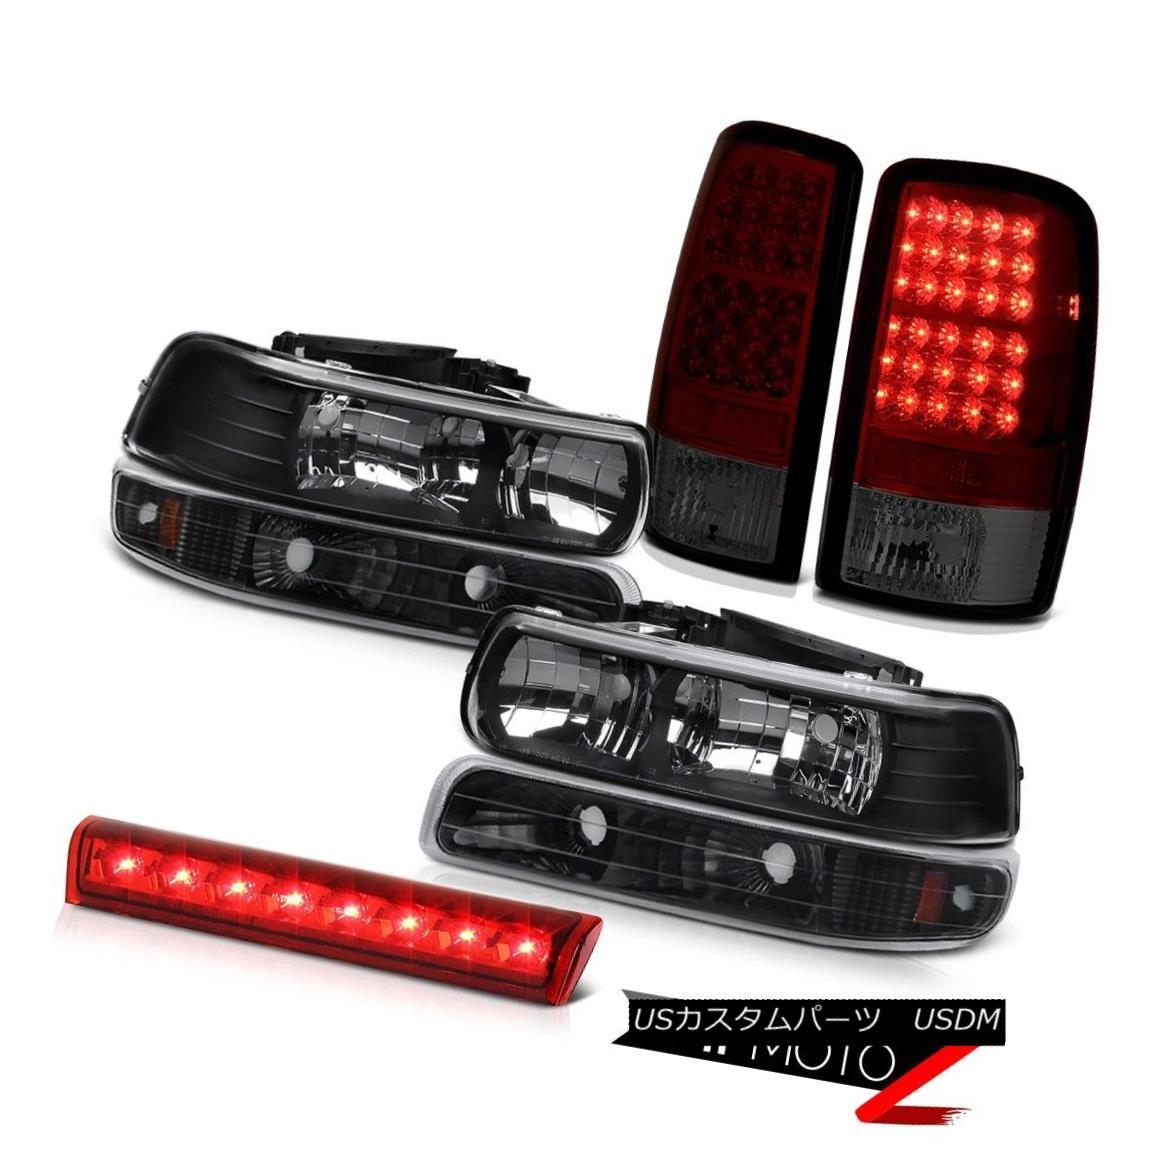 テールライト Black Headlight Onyx Bumper BRIGHTEST Light Roof 00 01 02 03 04 05 06 Tahoe 4.8L ブラックヘッドライトオニキスバンパーBRIGHTESTライトルーフ00 01 02 03 04 05 06タホ4.8L